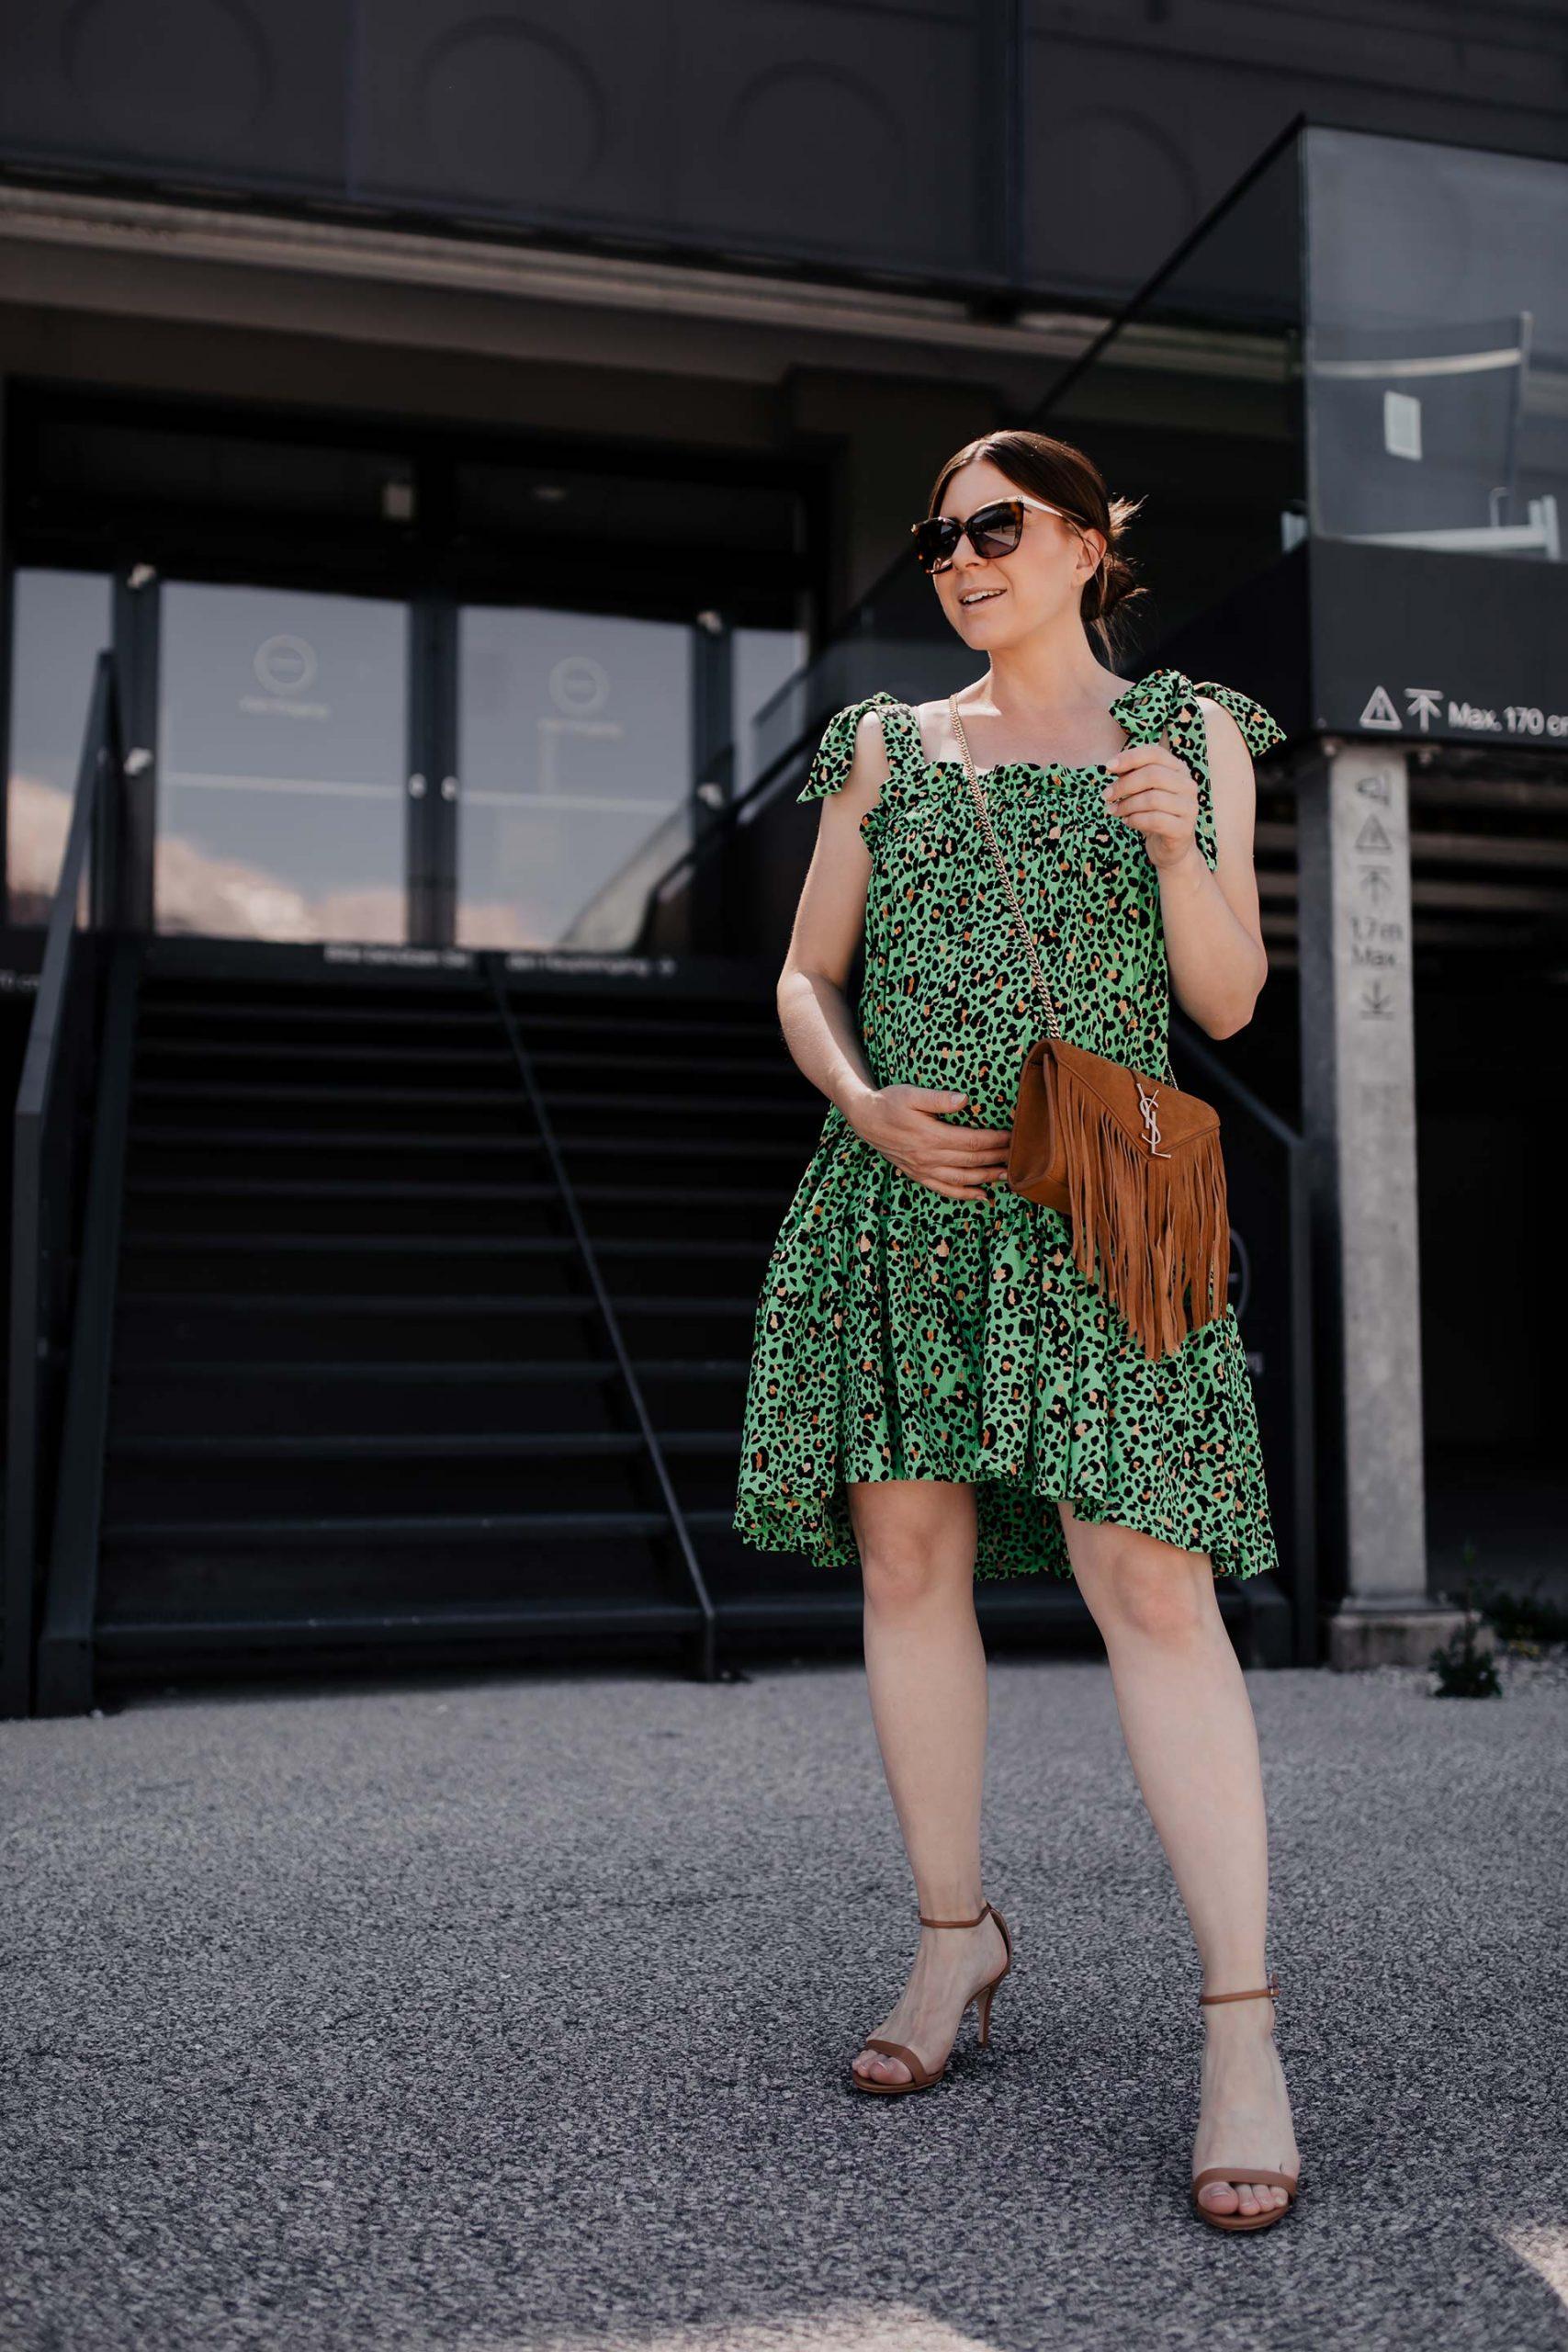 """Mein Projekt """"ohne #Umstandsmode durch den Sommer"""" läuft nach wie vor. Und jetzt, mittlerweile im 8. Schwangerschaftsmonat #ssw30 und in der heißesten Zeit des Jahres angekommen, weiß ich luftige Kleider besonders zu schätzen. Seit Jahren trage ich die sogenannten #Hängekleider und egal ob mit oder ohne Babybauch – sie sind einfach perfekt für den Sommer! www.whoismocca.com"""